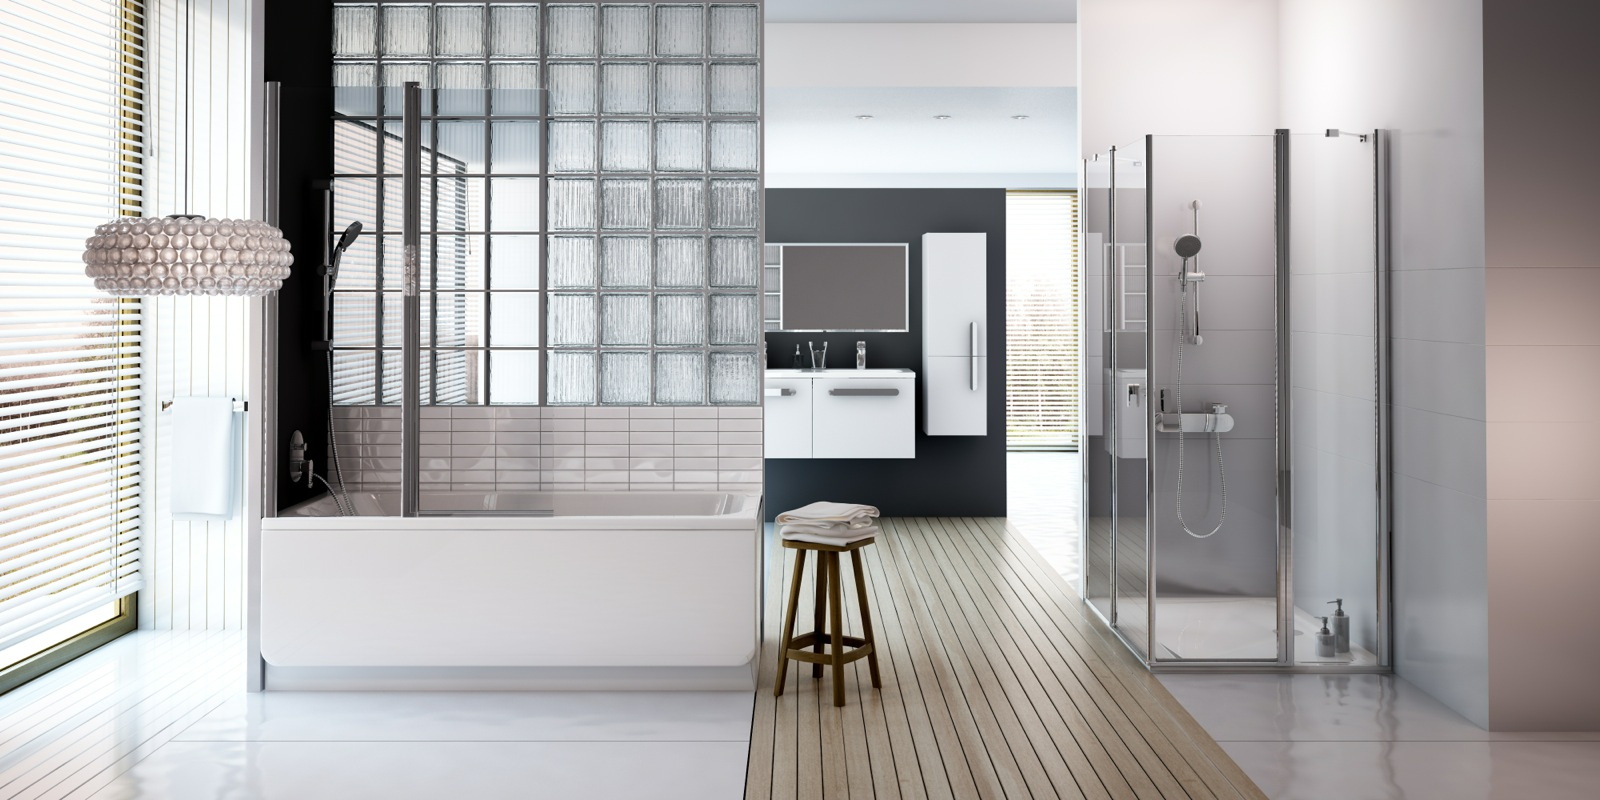 Chrome fürdőszoba koncepciónk sikeréből 3 kulcsfontosságú dolgot mi már biztosan megtanultunk, amelyet Ön is kamatoztathat.